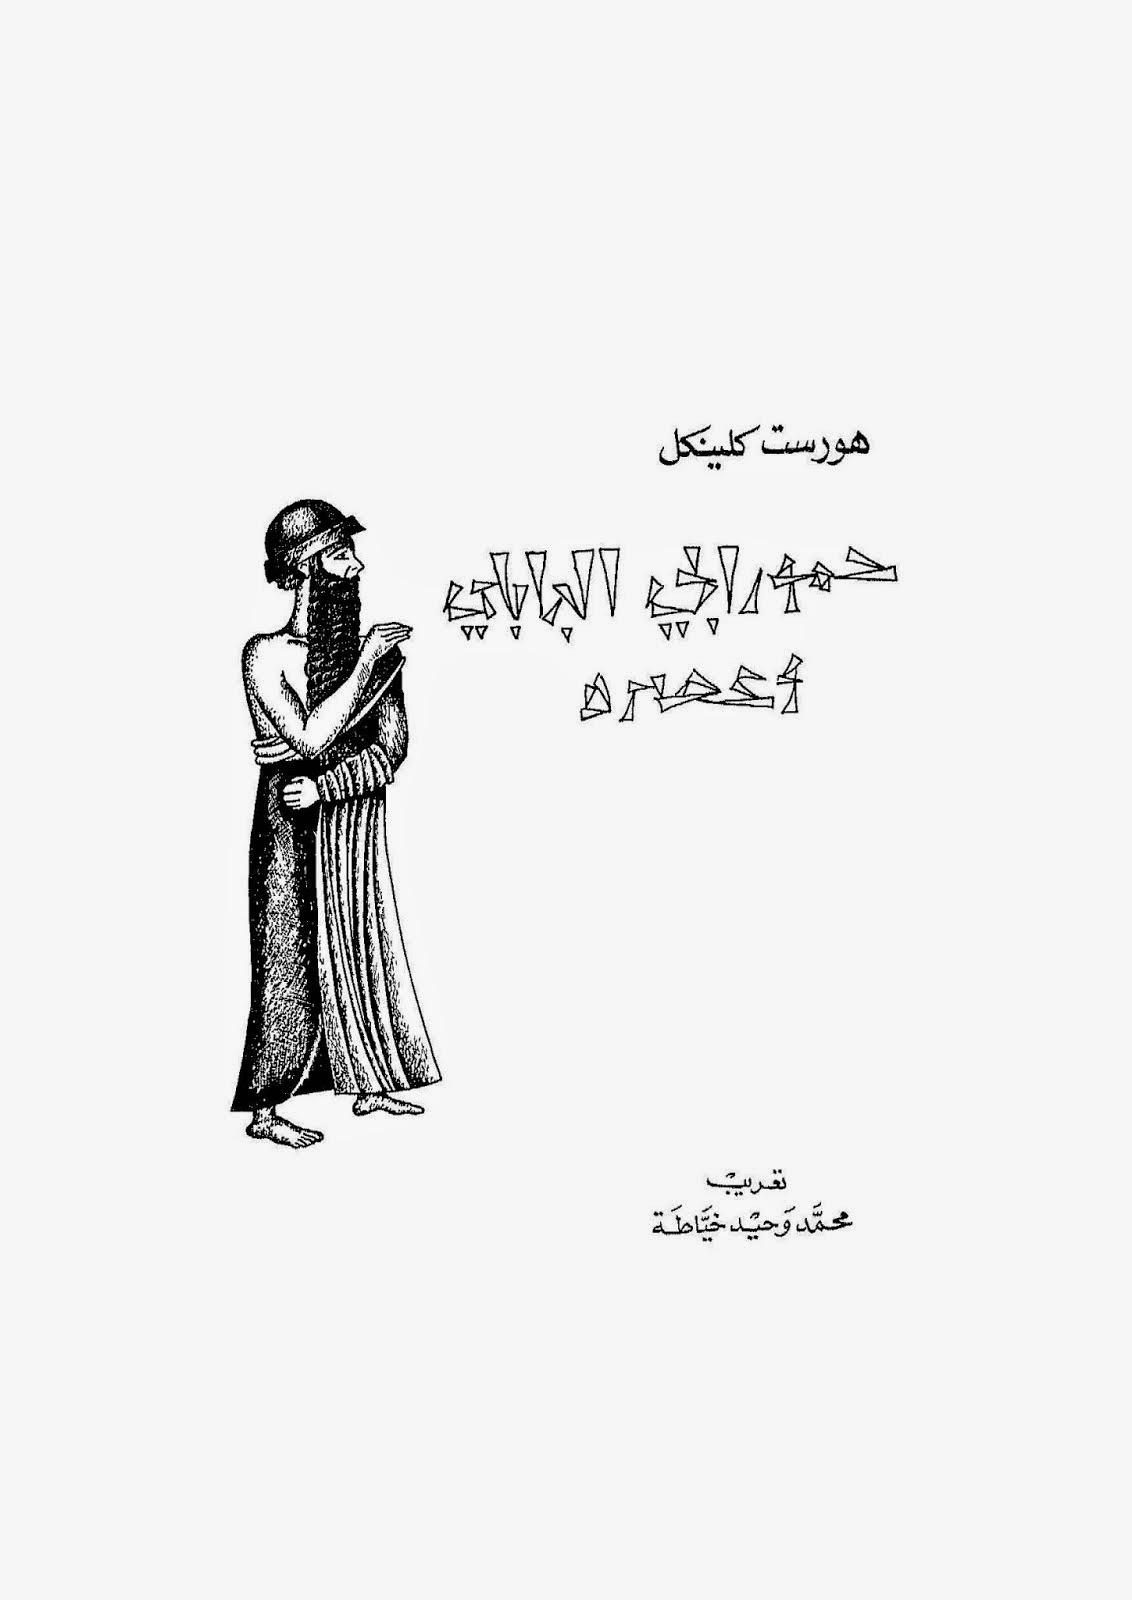 كتاب حمورابي البابلي وعصره لـ هورست كلينكل